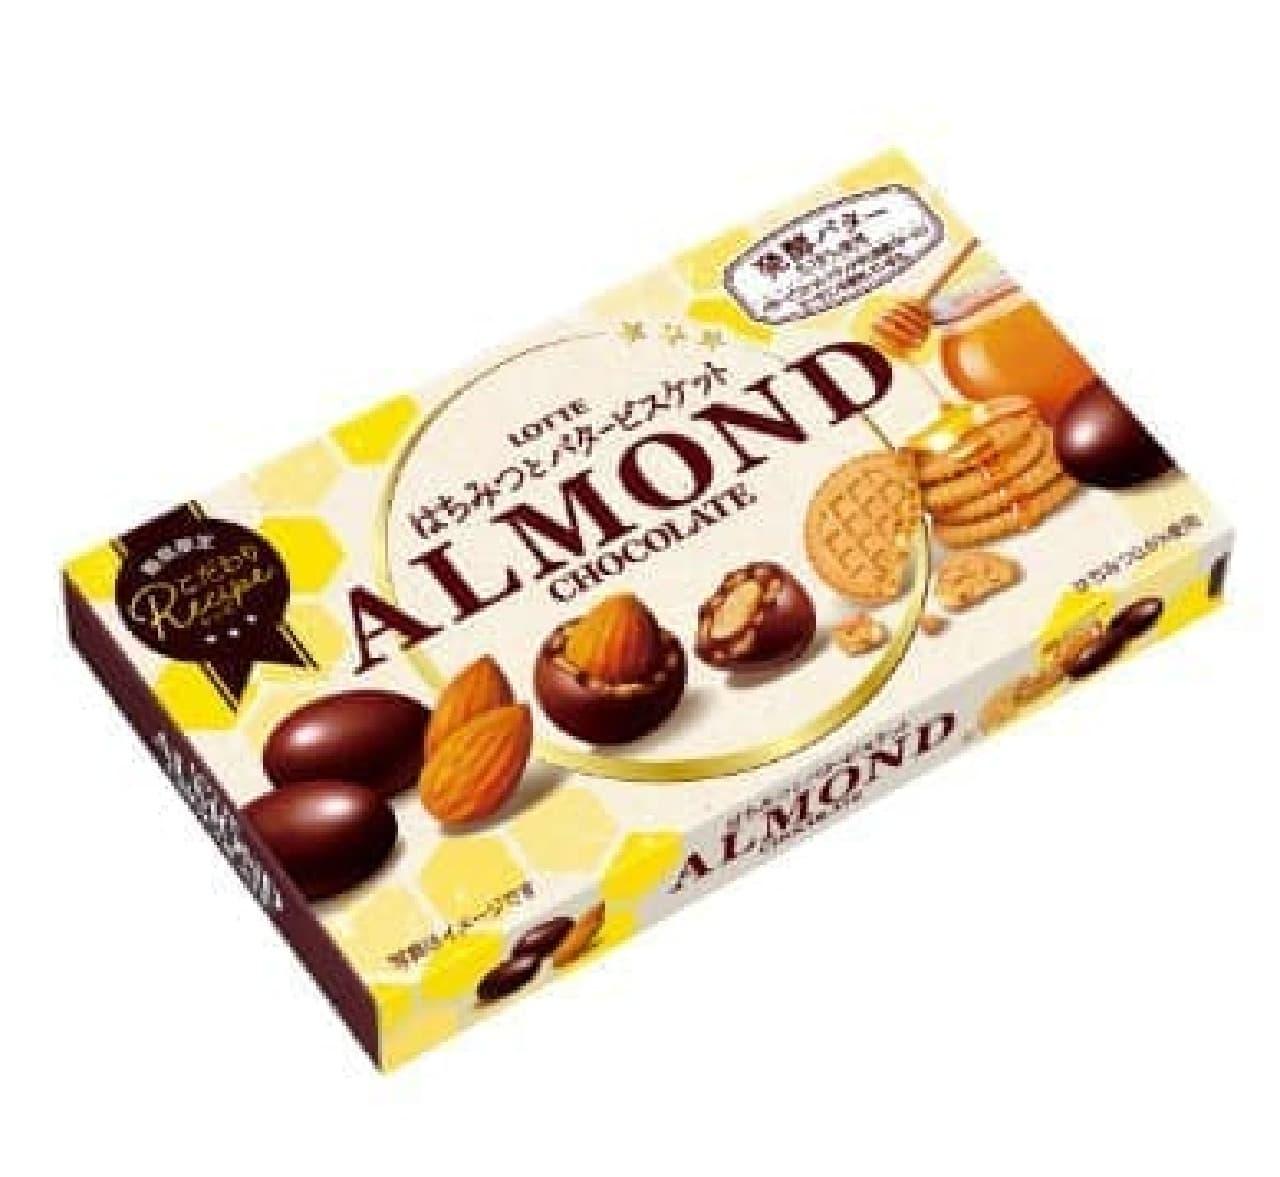 アーモンドチョコレート<はちみつとバタービスケット>